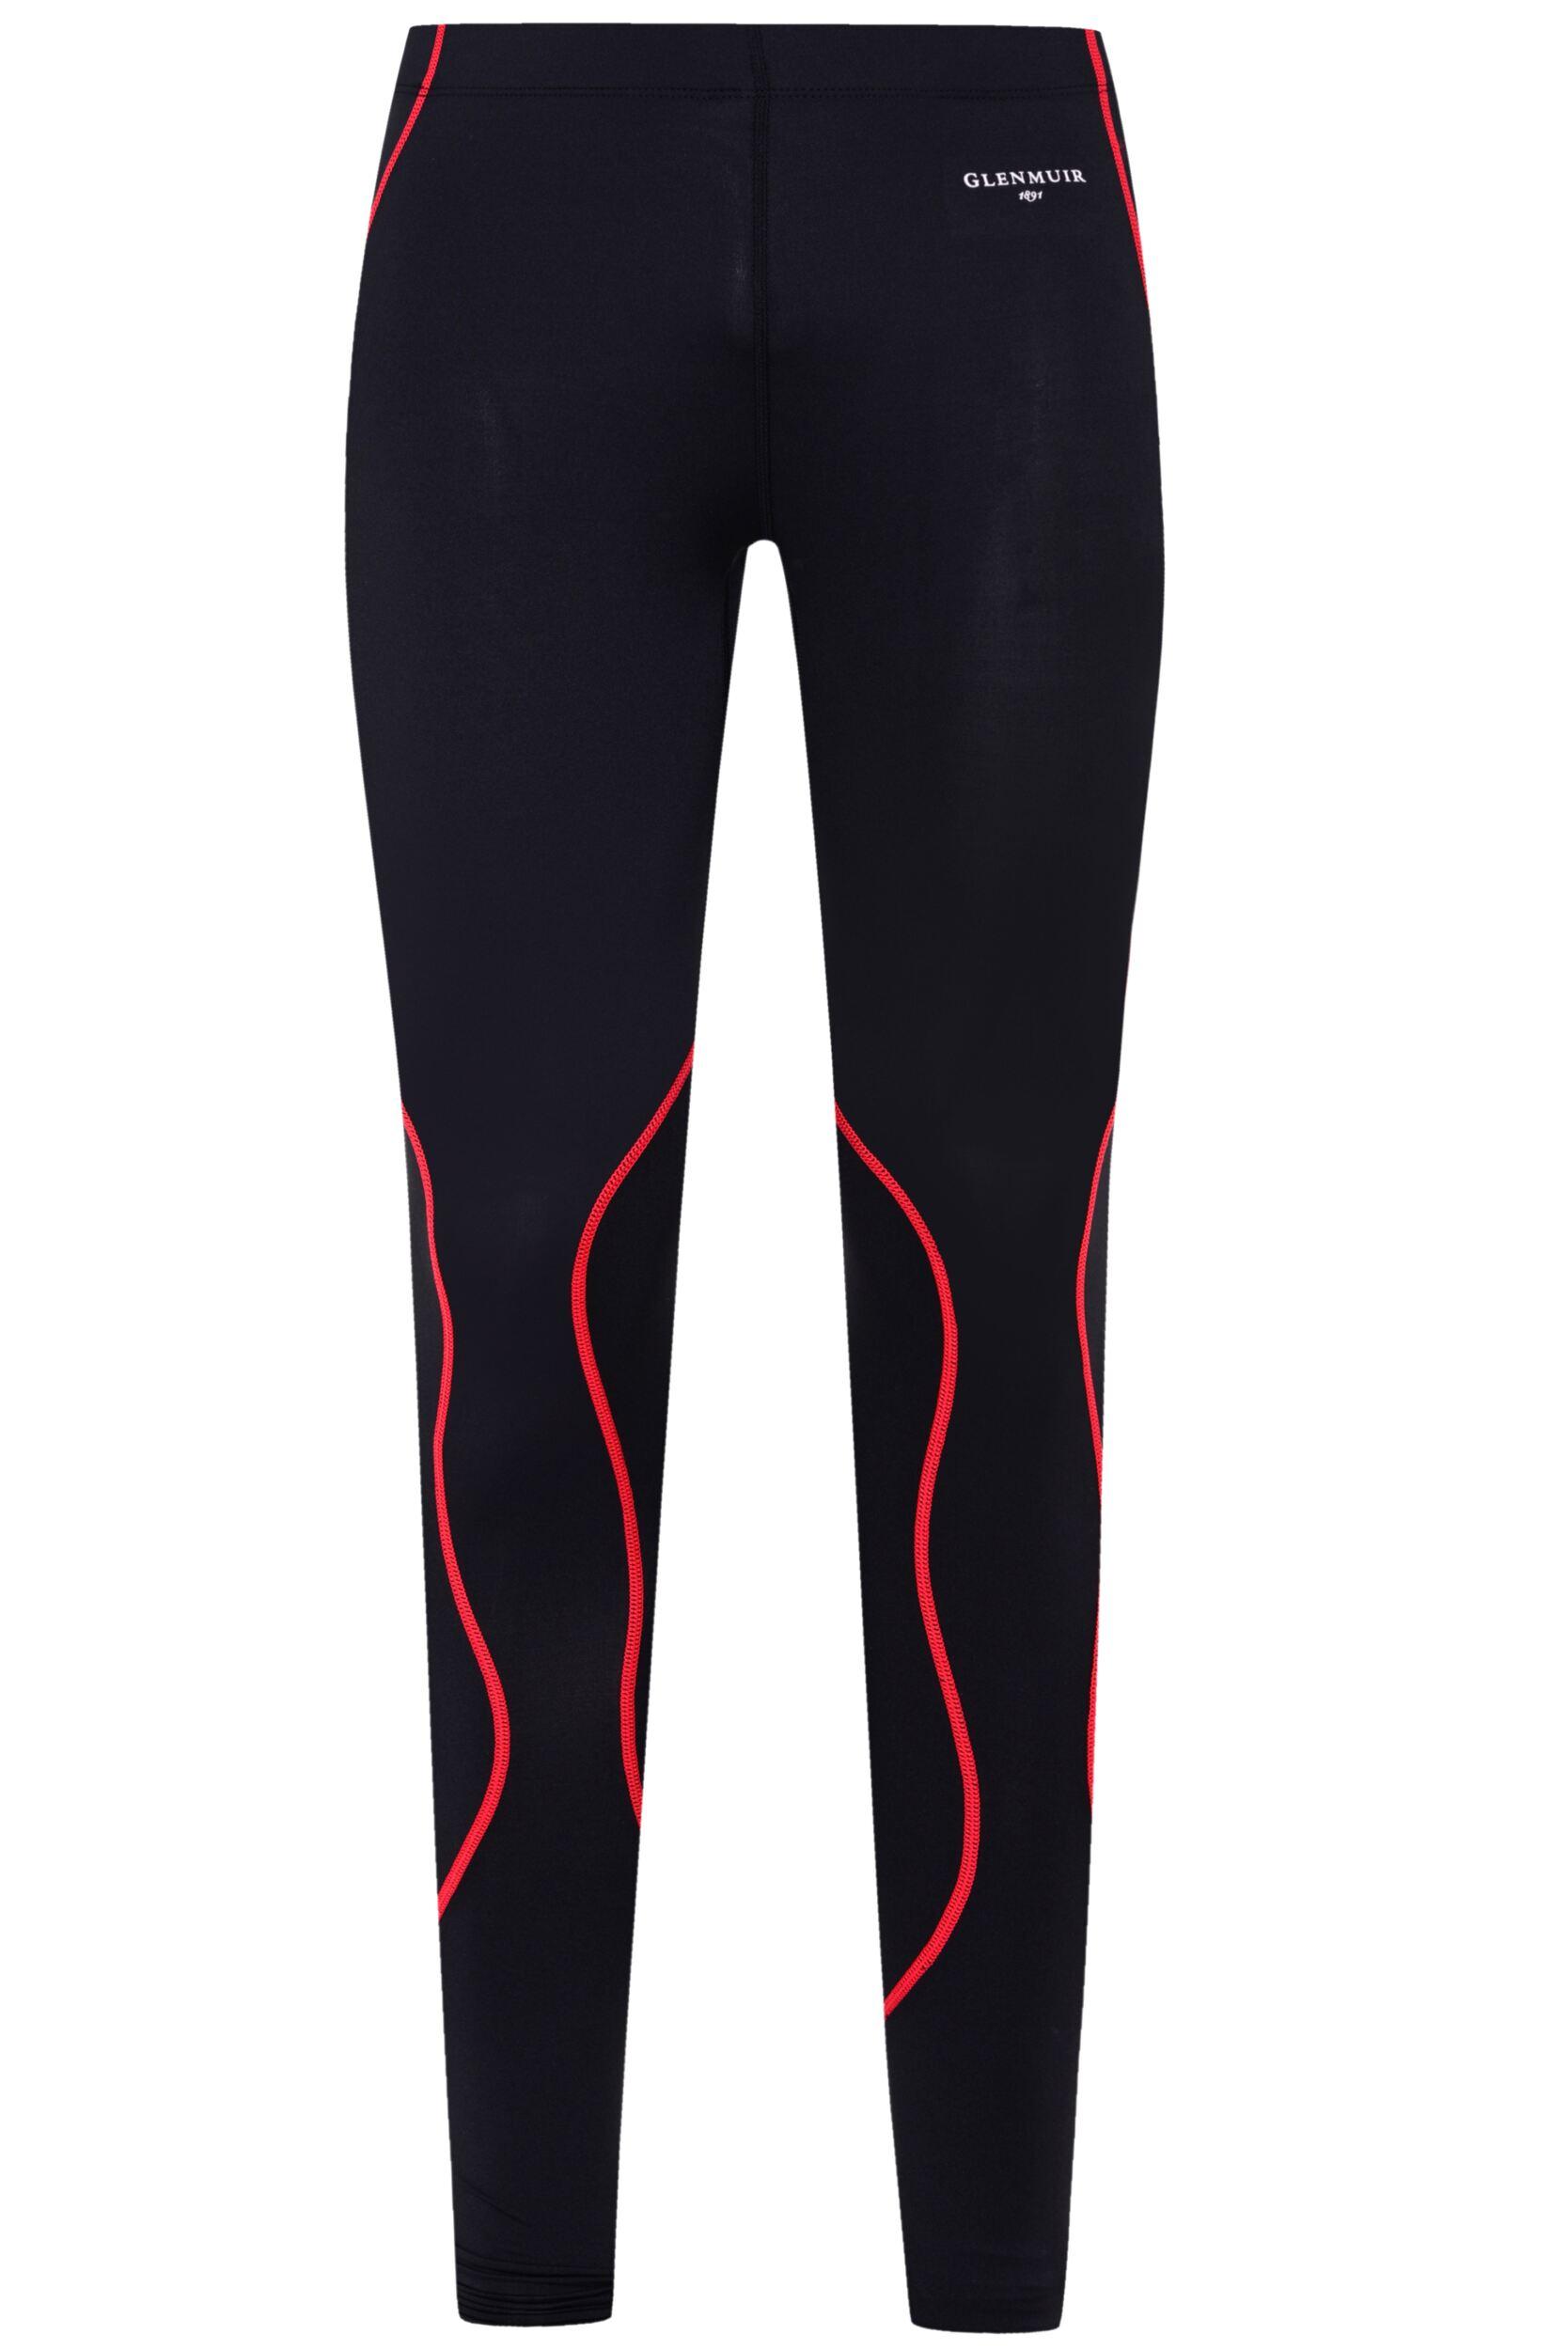 Image of Mens 1 Pack Glenmuir Compression Base Layer Leggings